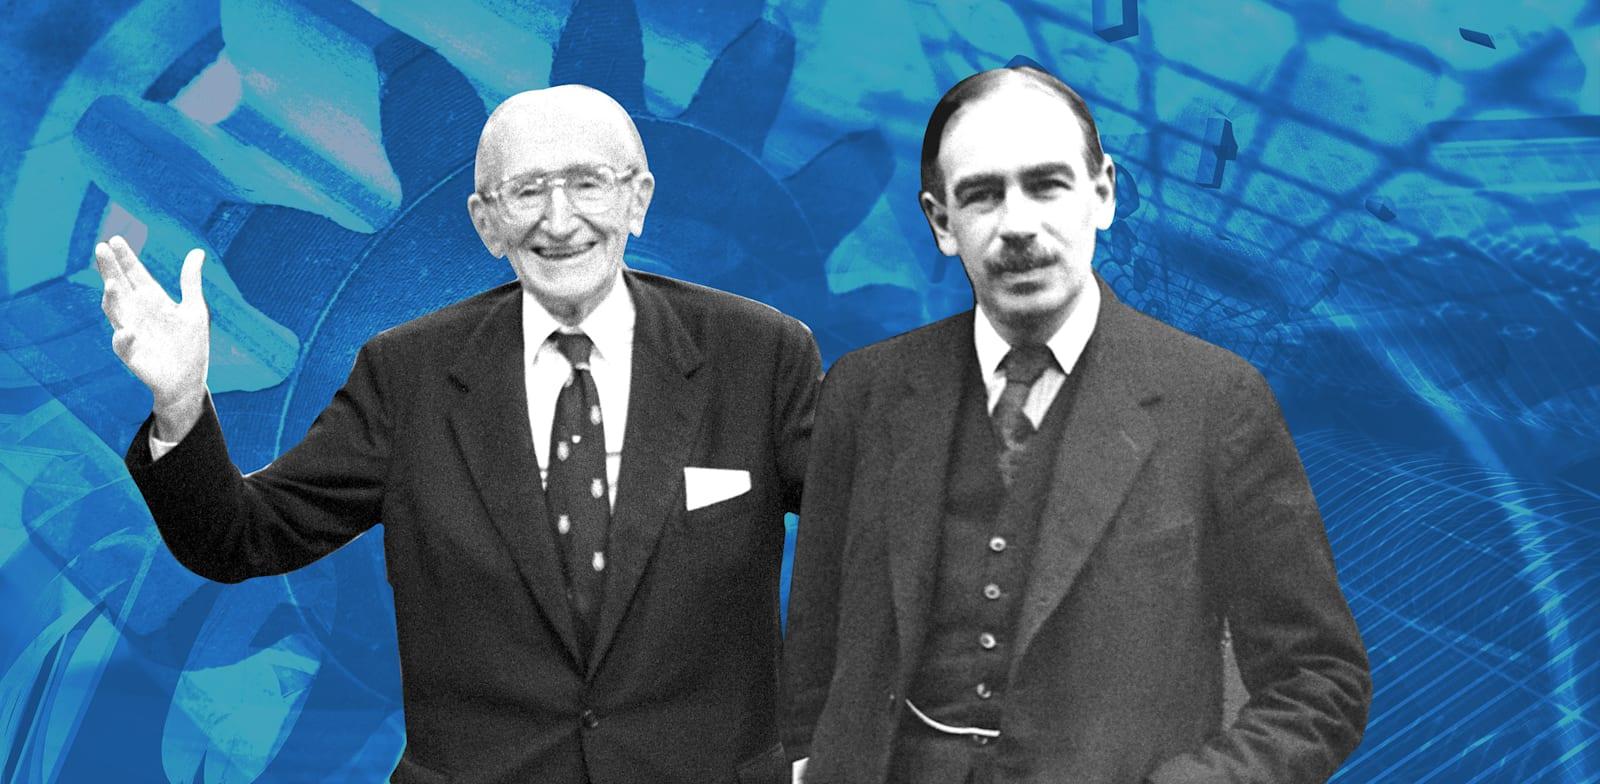 הכלכלן פרידריך האייק והכלכלן ג'ון מיינרד קיינס / צילום: Reuters